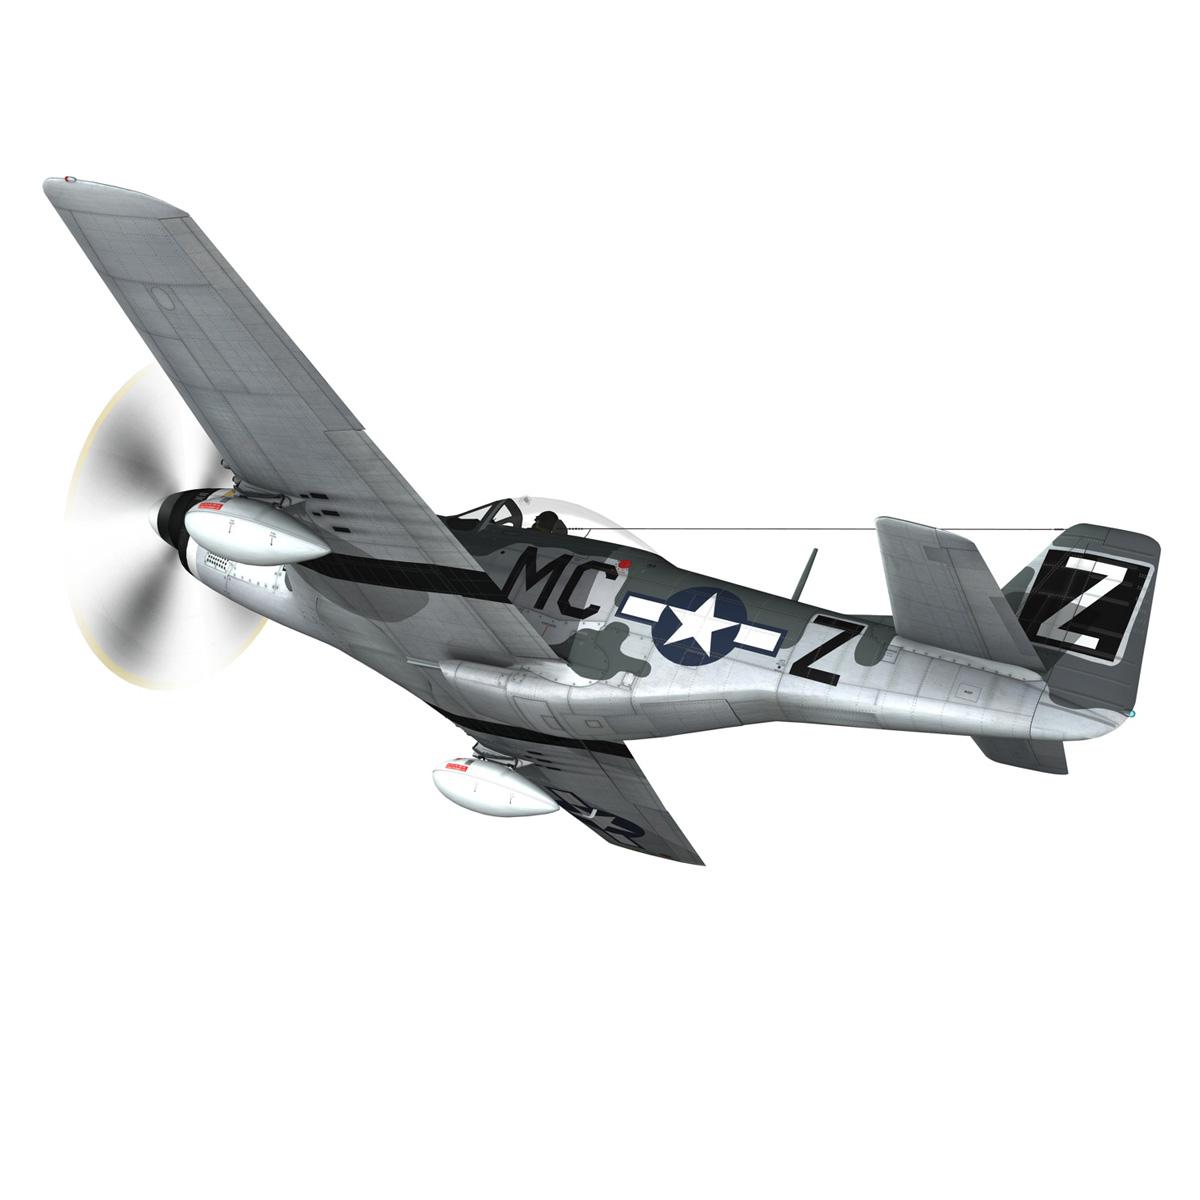 north american p-51d mustang – glengary guy 3d model fbx c4d lwo obj 267519